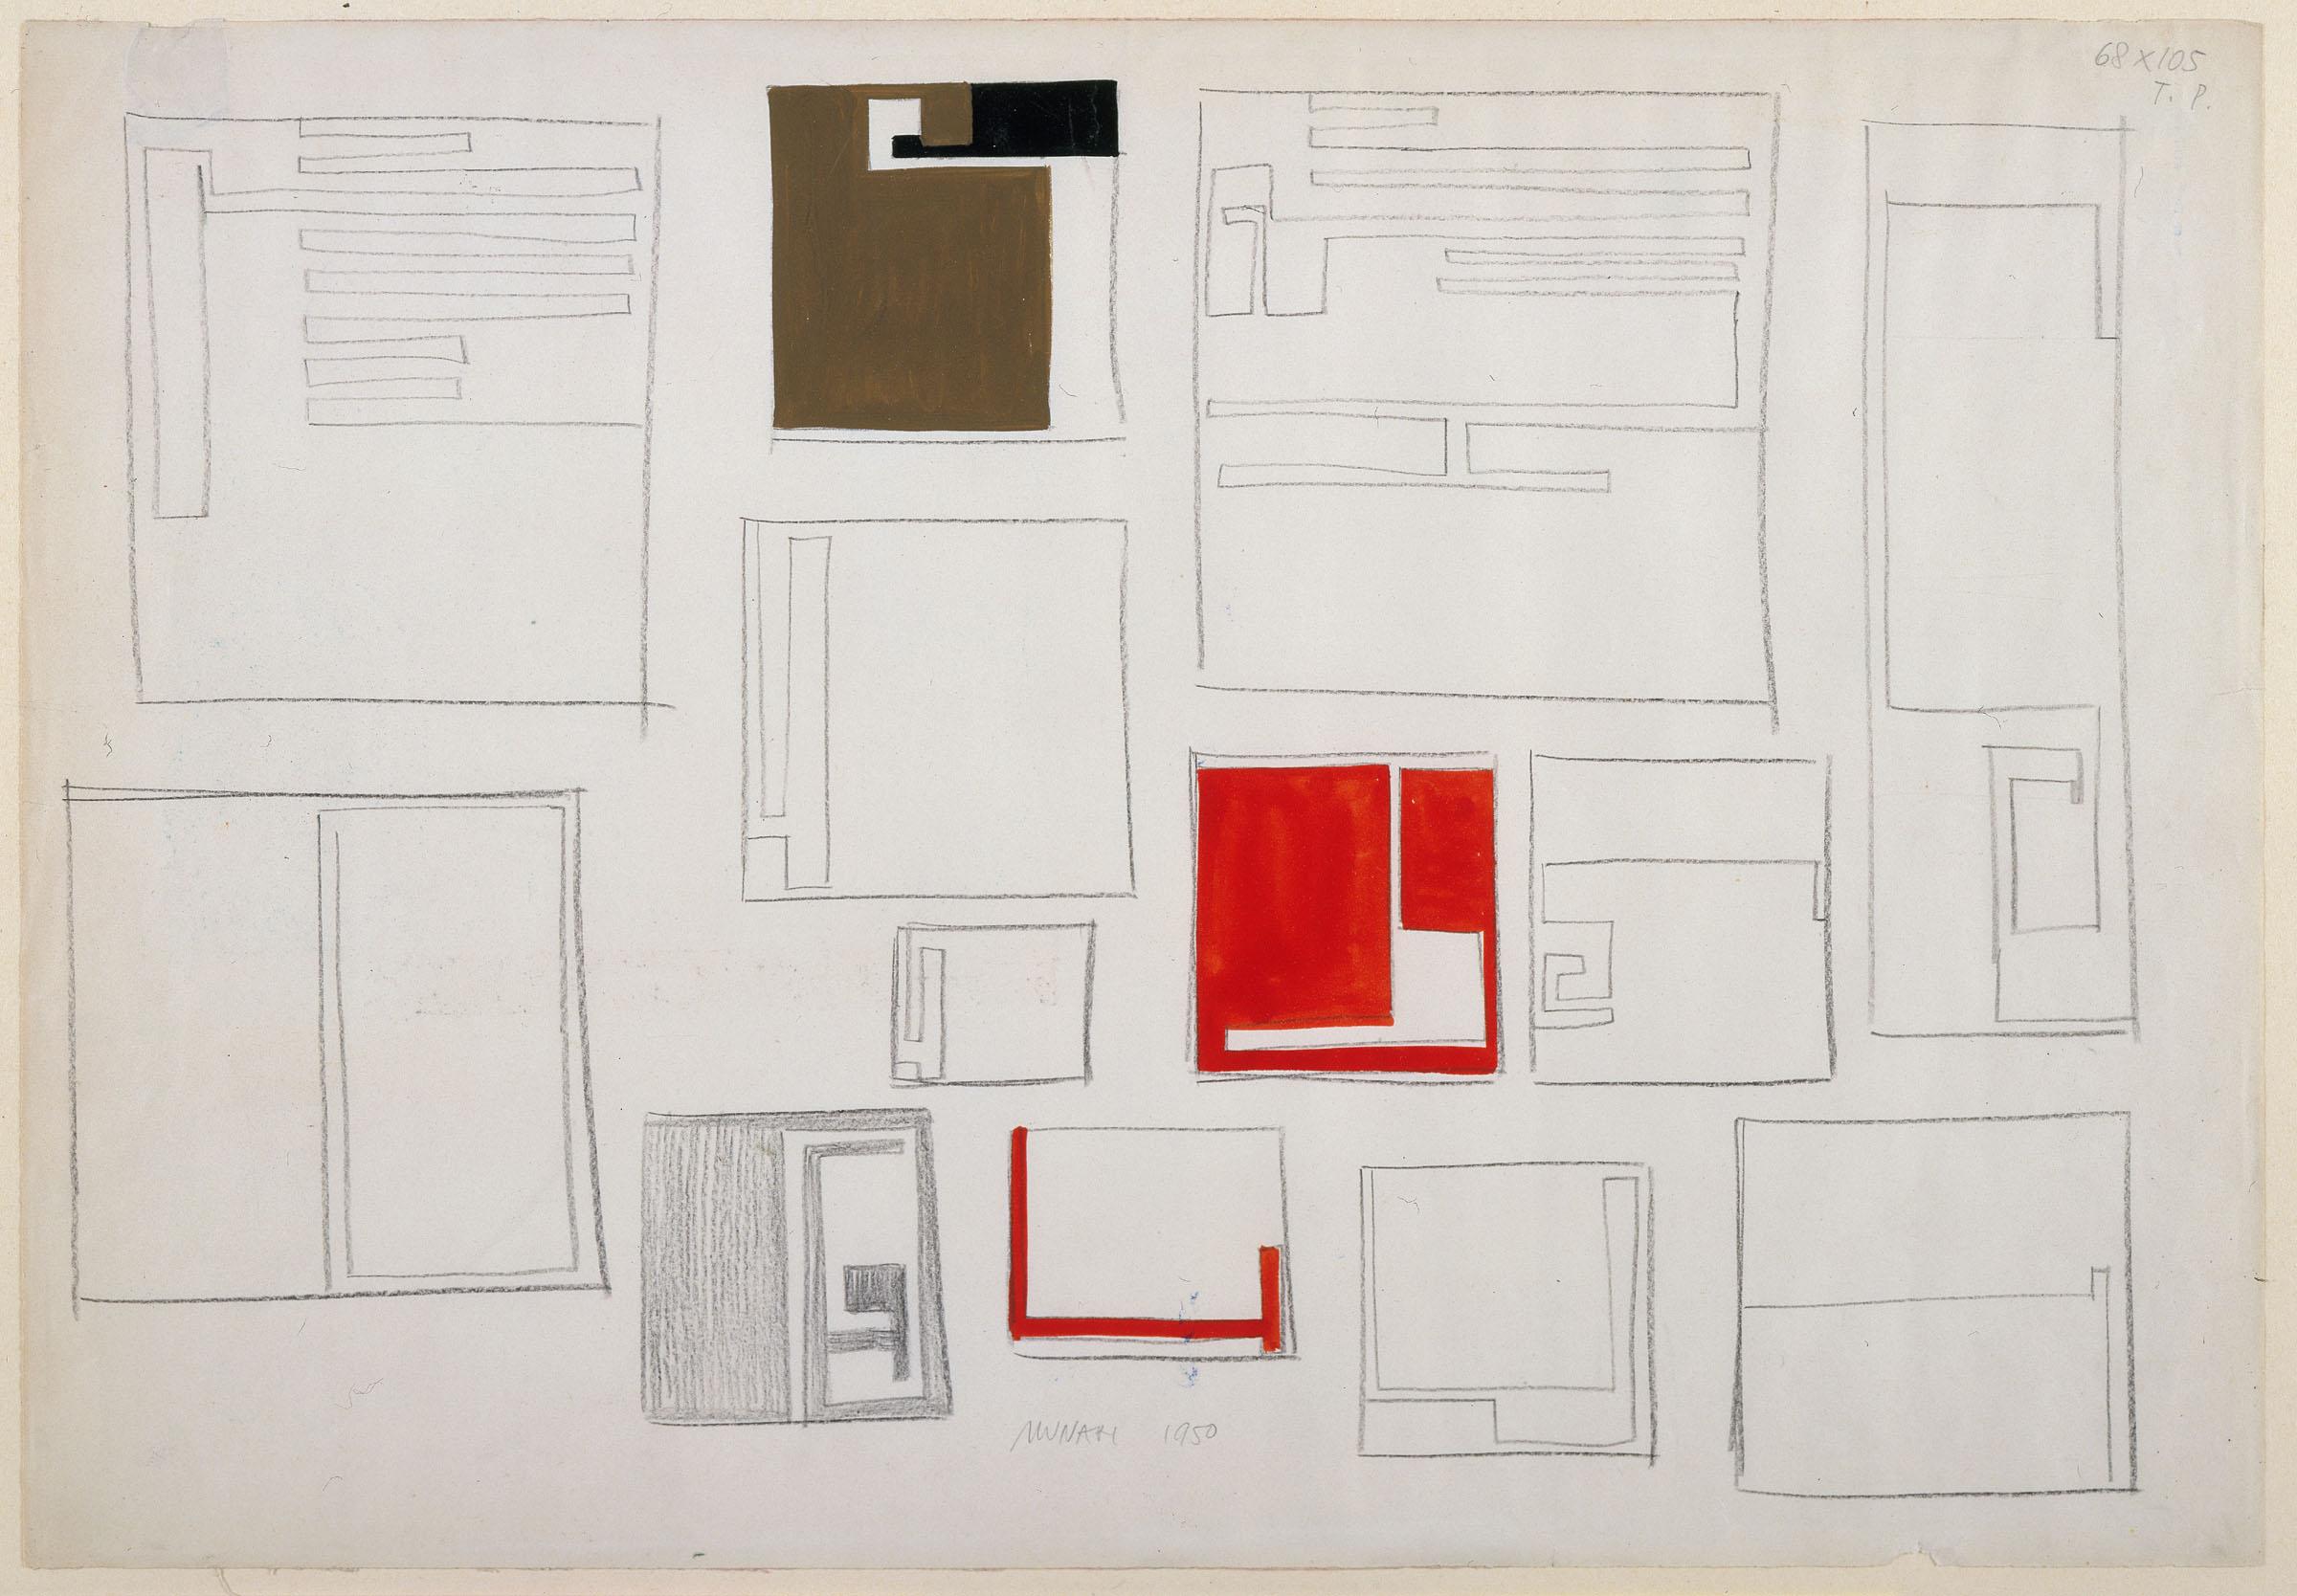 L'astrazione geometrica in Italia tra il 1930 e il 1965: una mostra al MA*GA di Gallarate